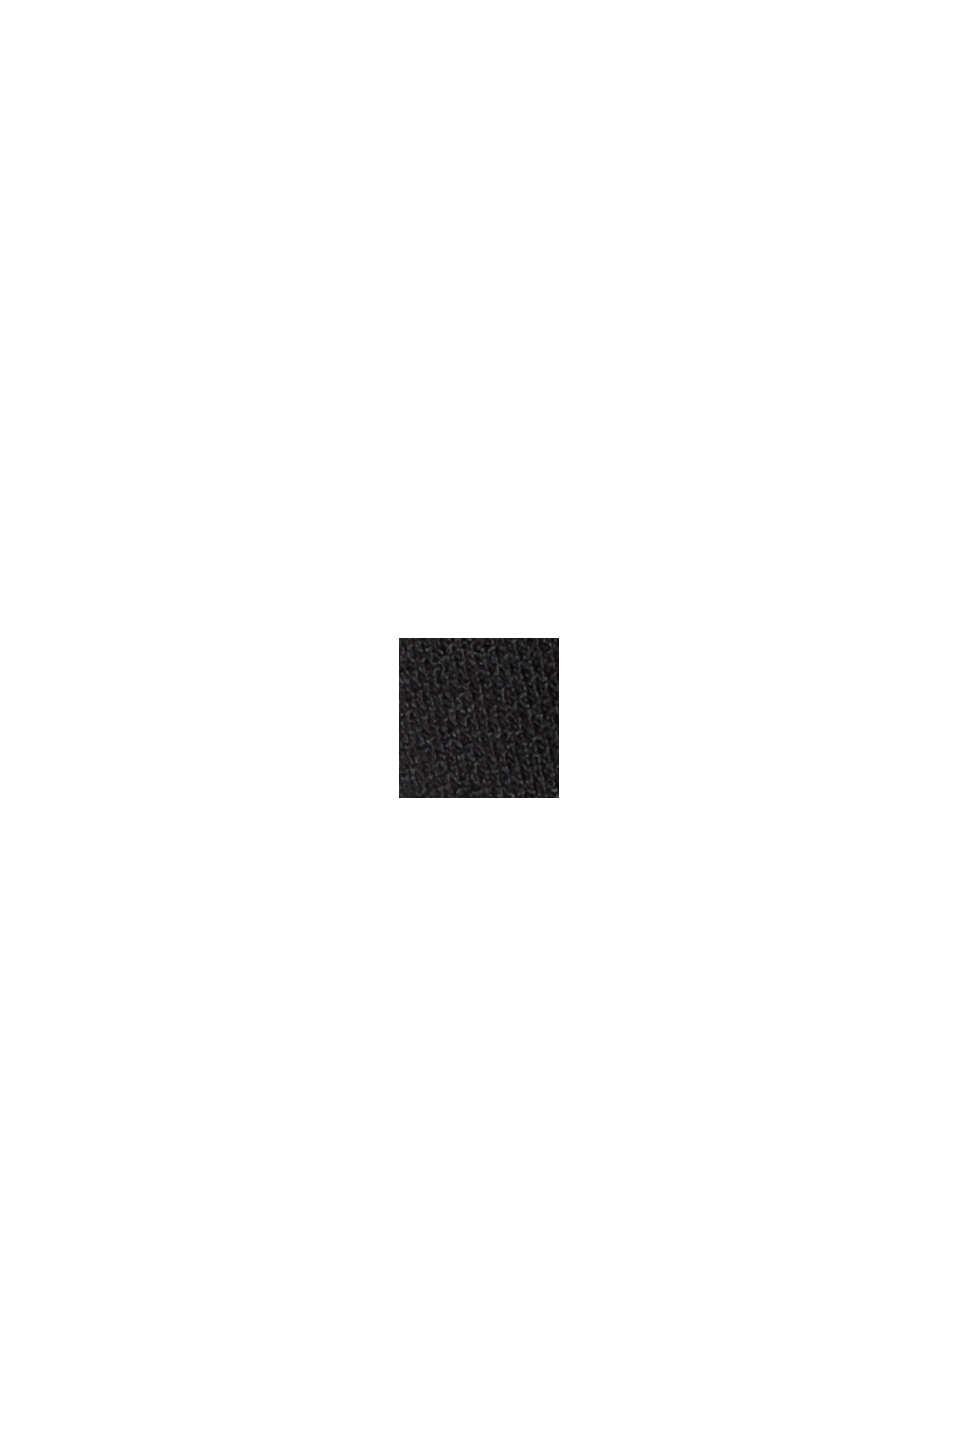 Pantalon de jogging en maille piquée à taille élastique, BLACK, swatch